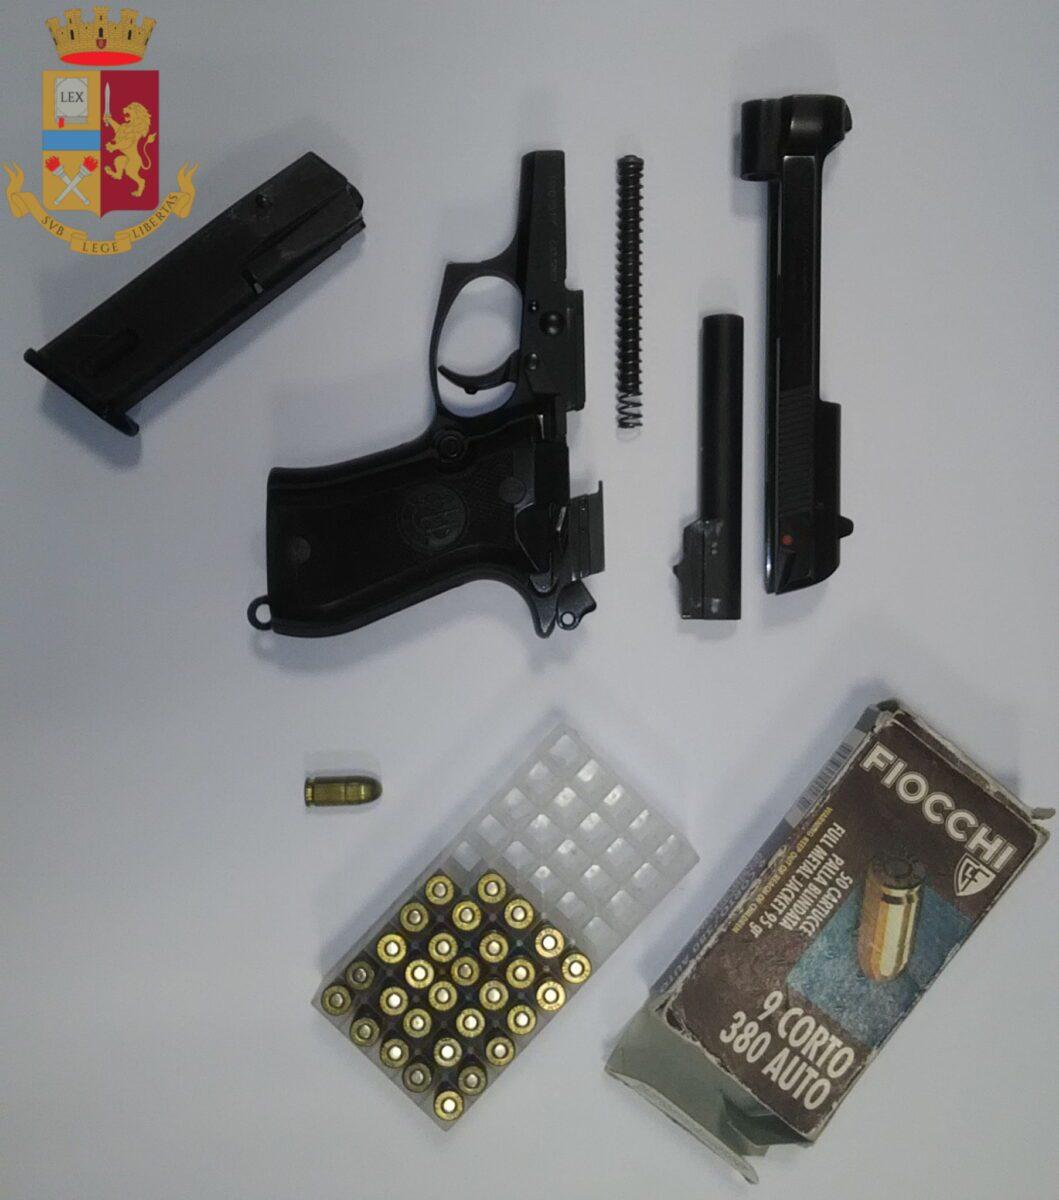 Via Cassia, denunciato uomo per minacce, porto abusivo di arma da fuoco e spendita di monete false